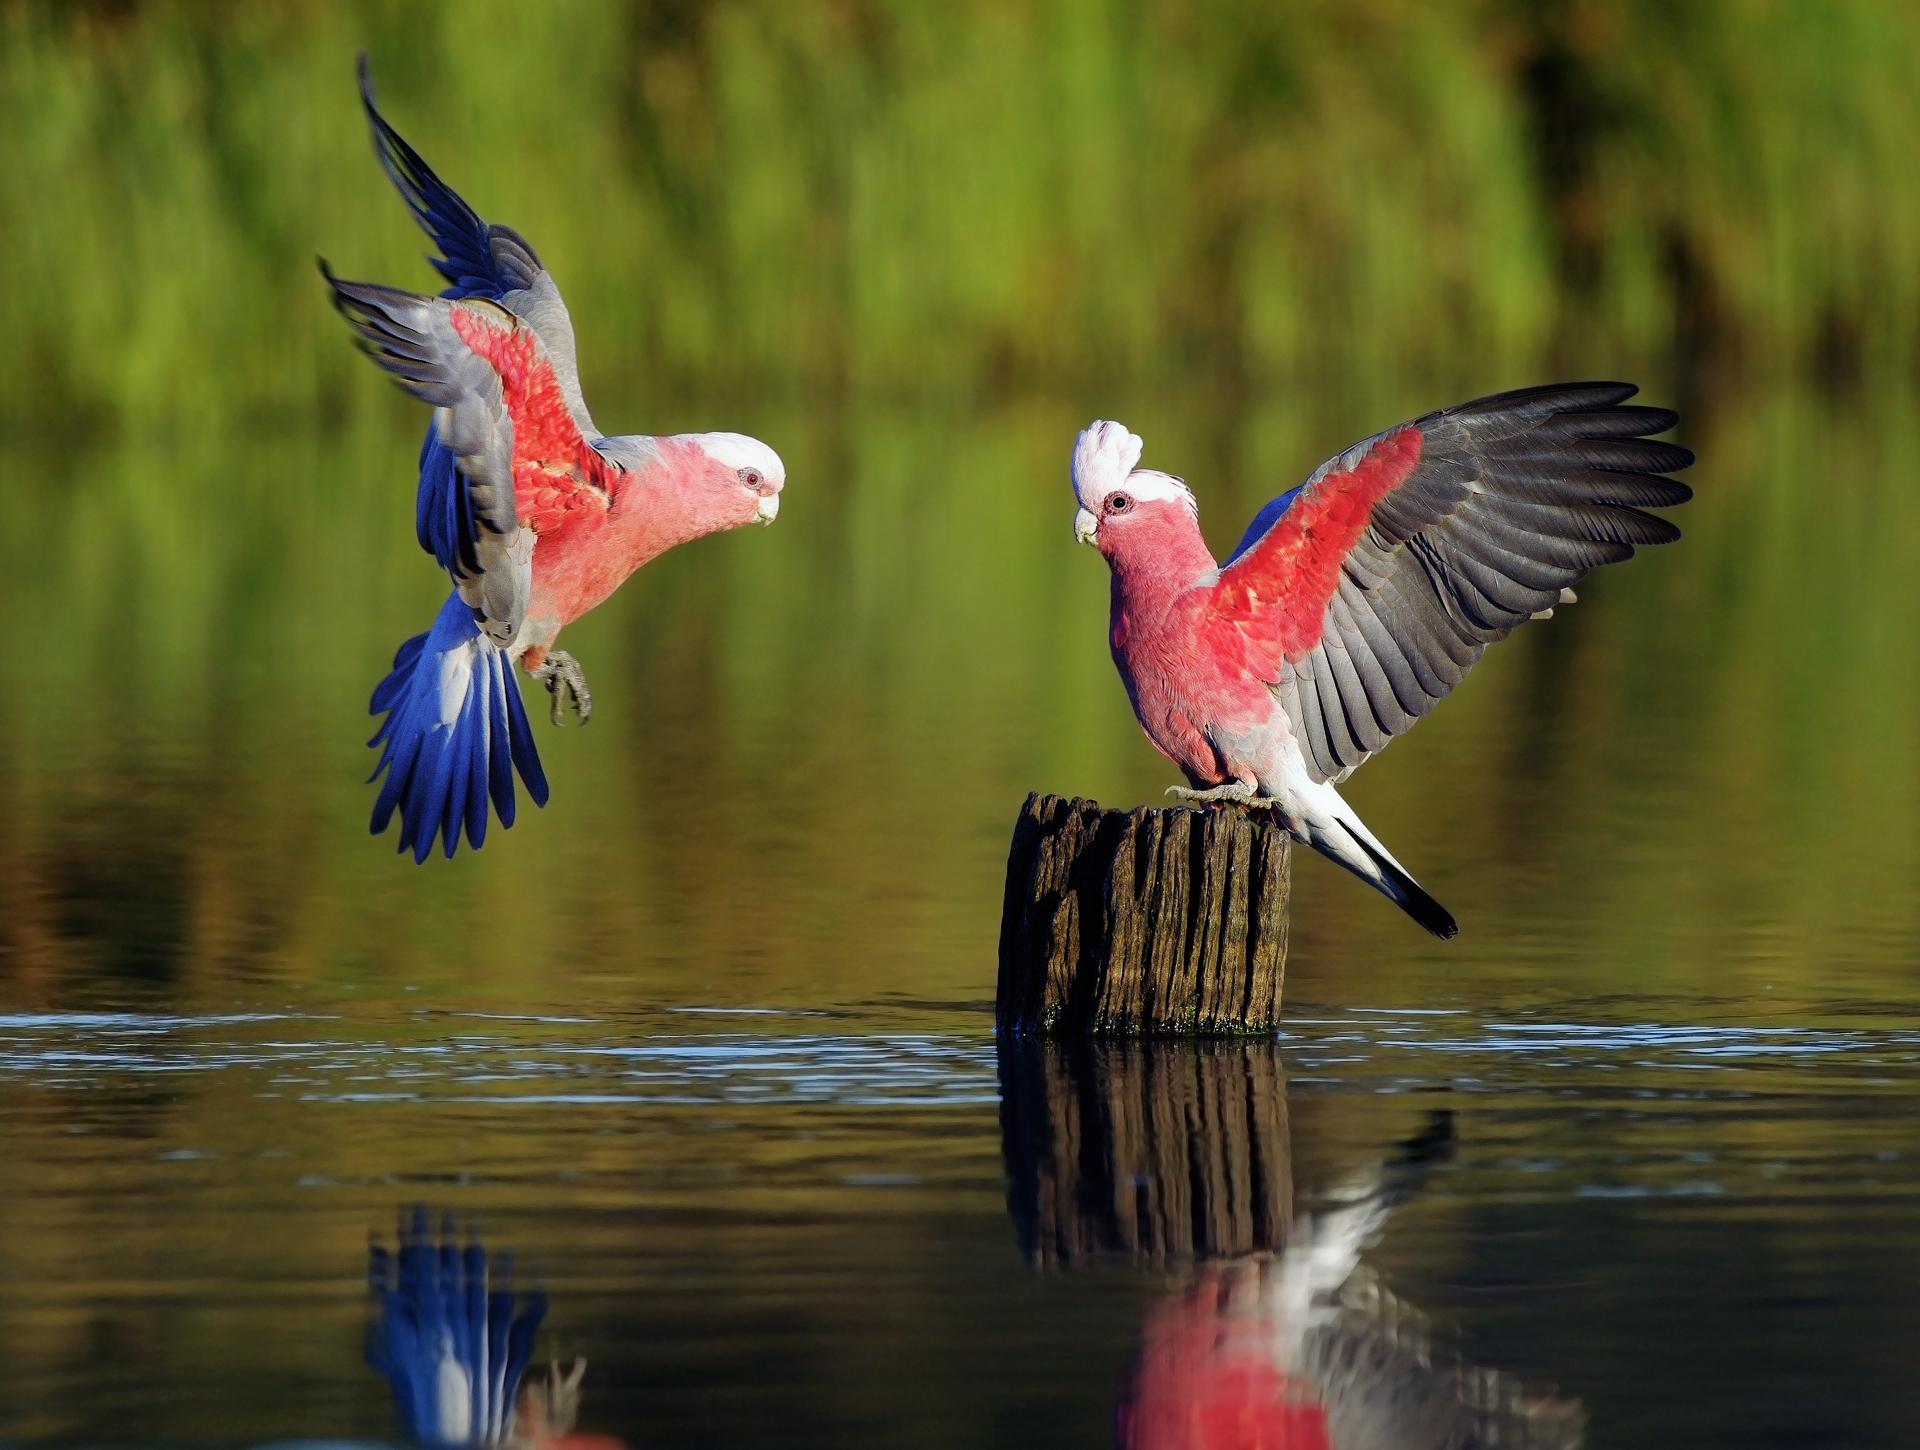 82688 Hintergrundbild 720x1280 kostenlos auf deinem Handy, lade Bilder Tiere, Vögel, Flüsse, Papageien, Feder, Holz, Farbe, Welle, Stumpf, Fegen 720x1280 auf dein Handy herunter